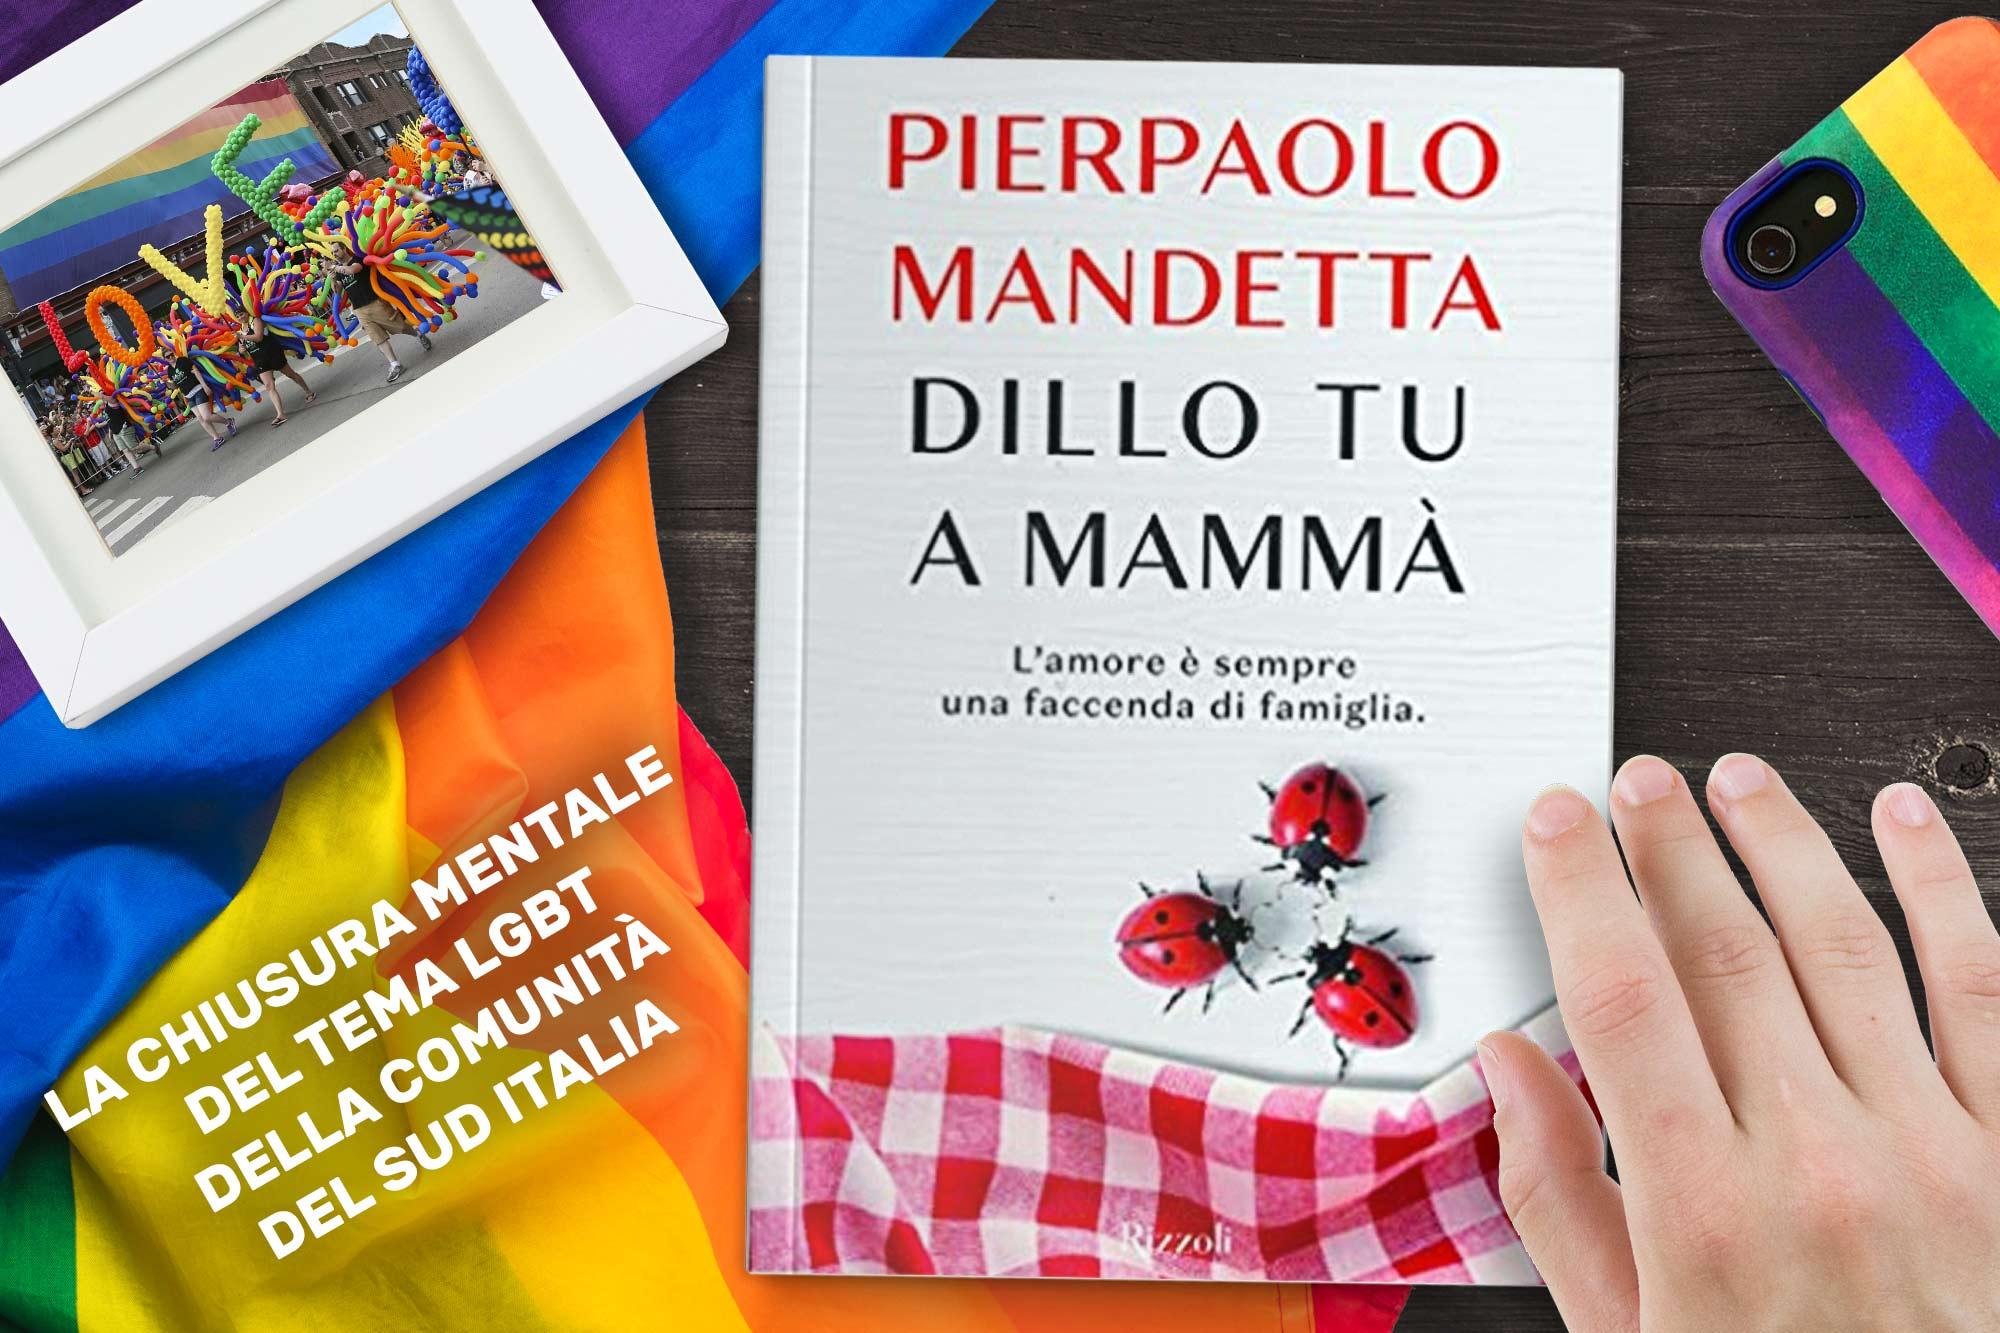 dillo-tu-a-mamma-libro-lgbt